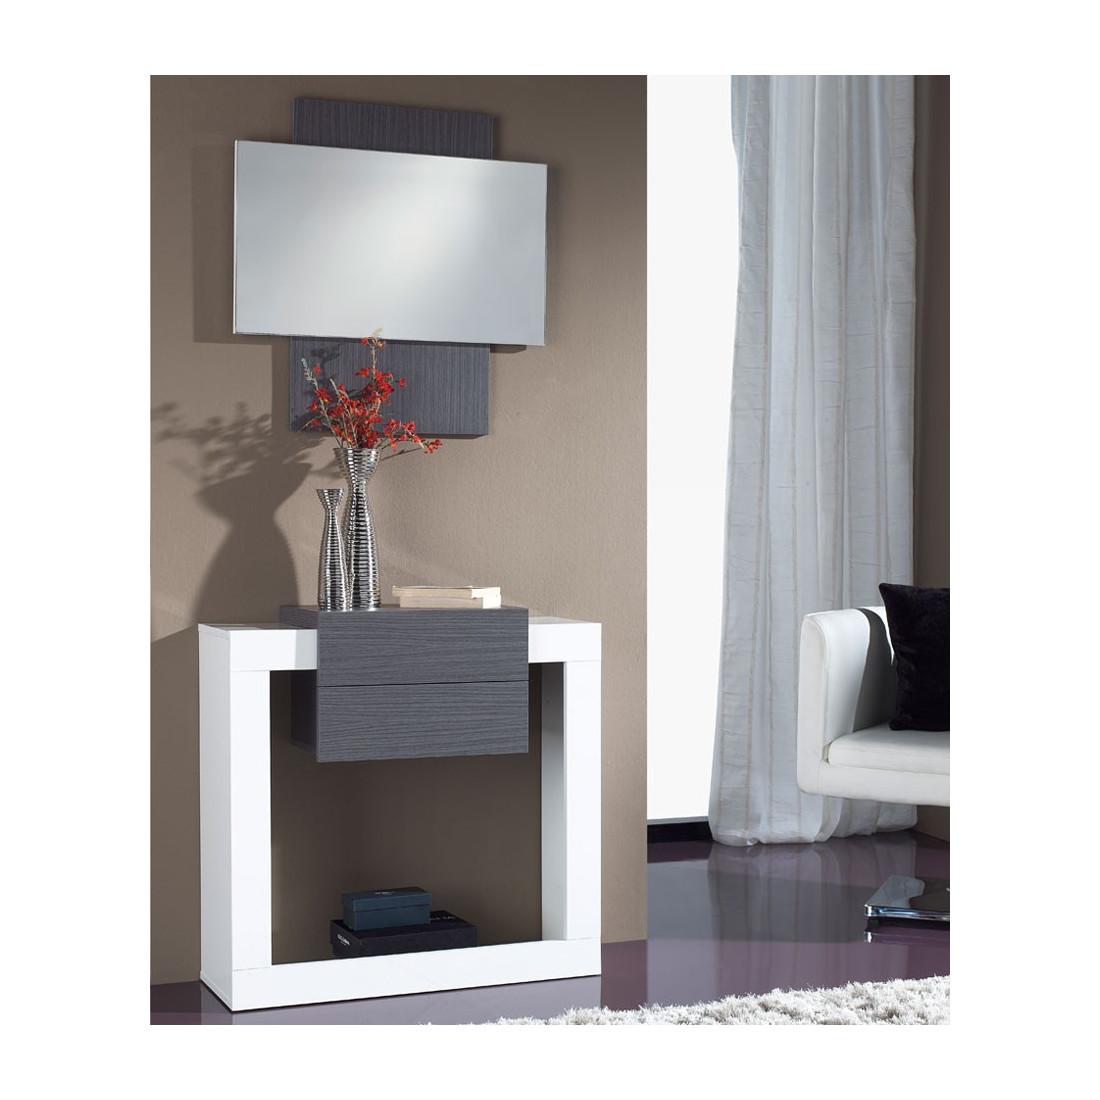 Meuble d 39 entr e blanc cendre miroir neema univers petits meubles - Meuble d entree miroir ...